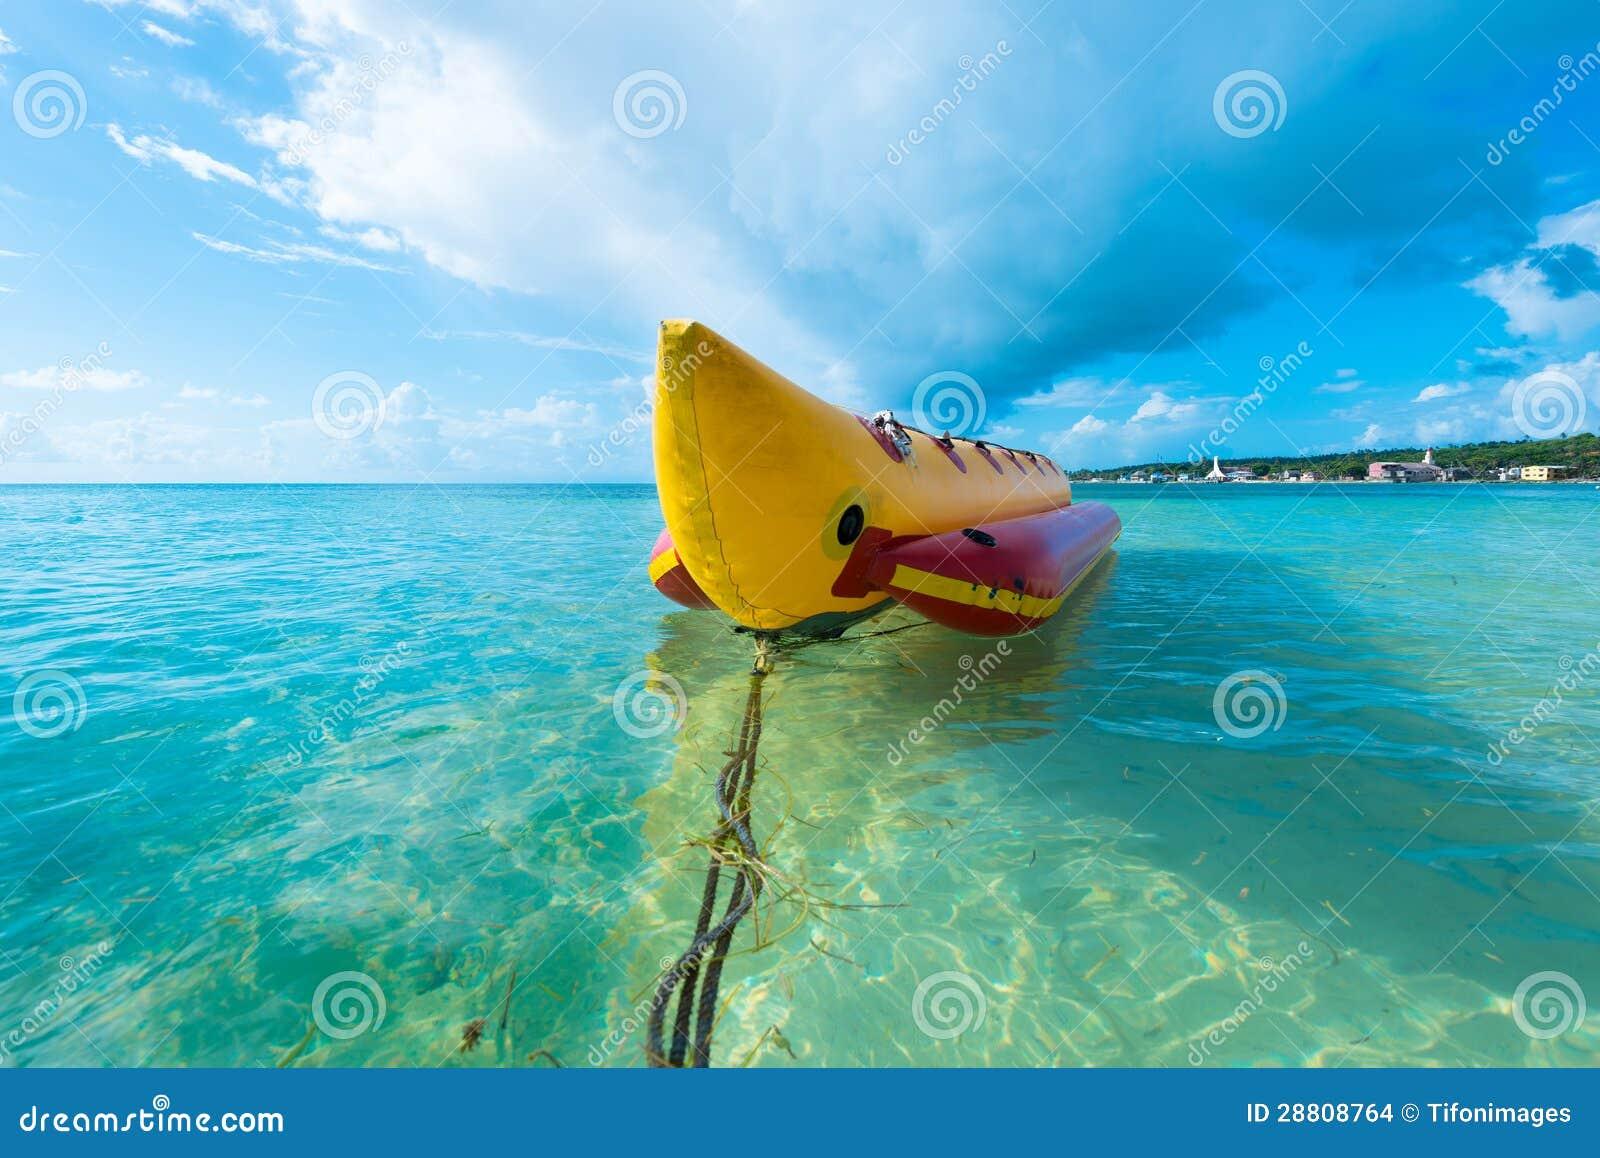 Inflatable banana boat at Caribbean Sea, San Andres Island, Colombia ...